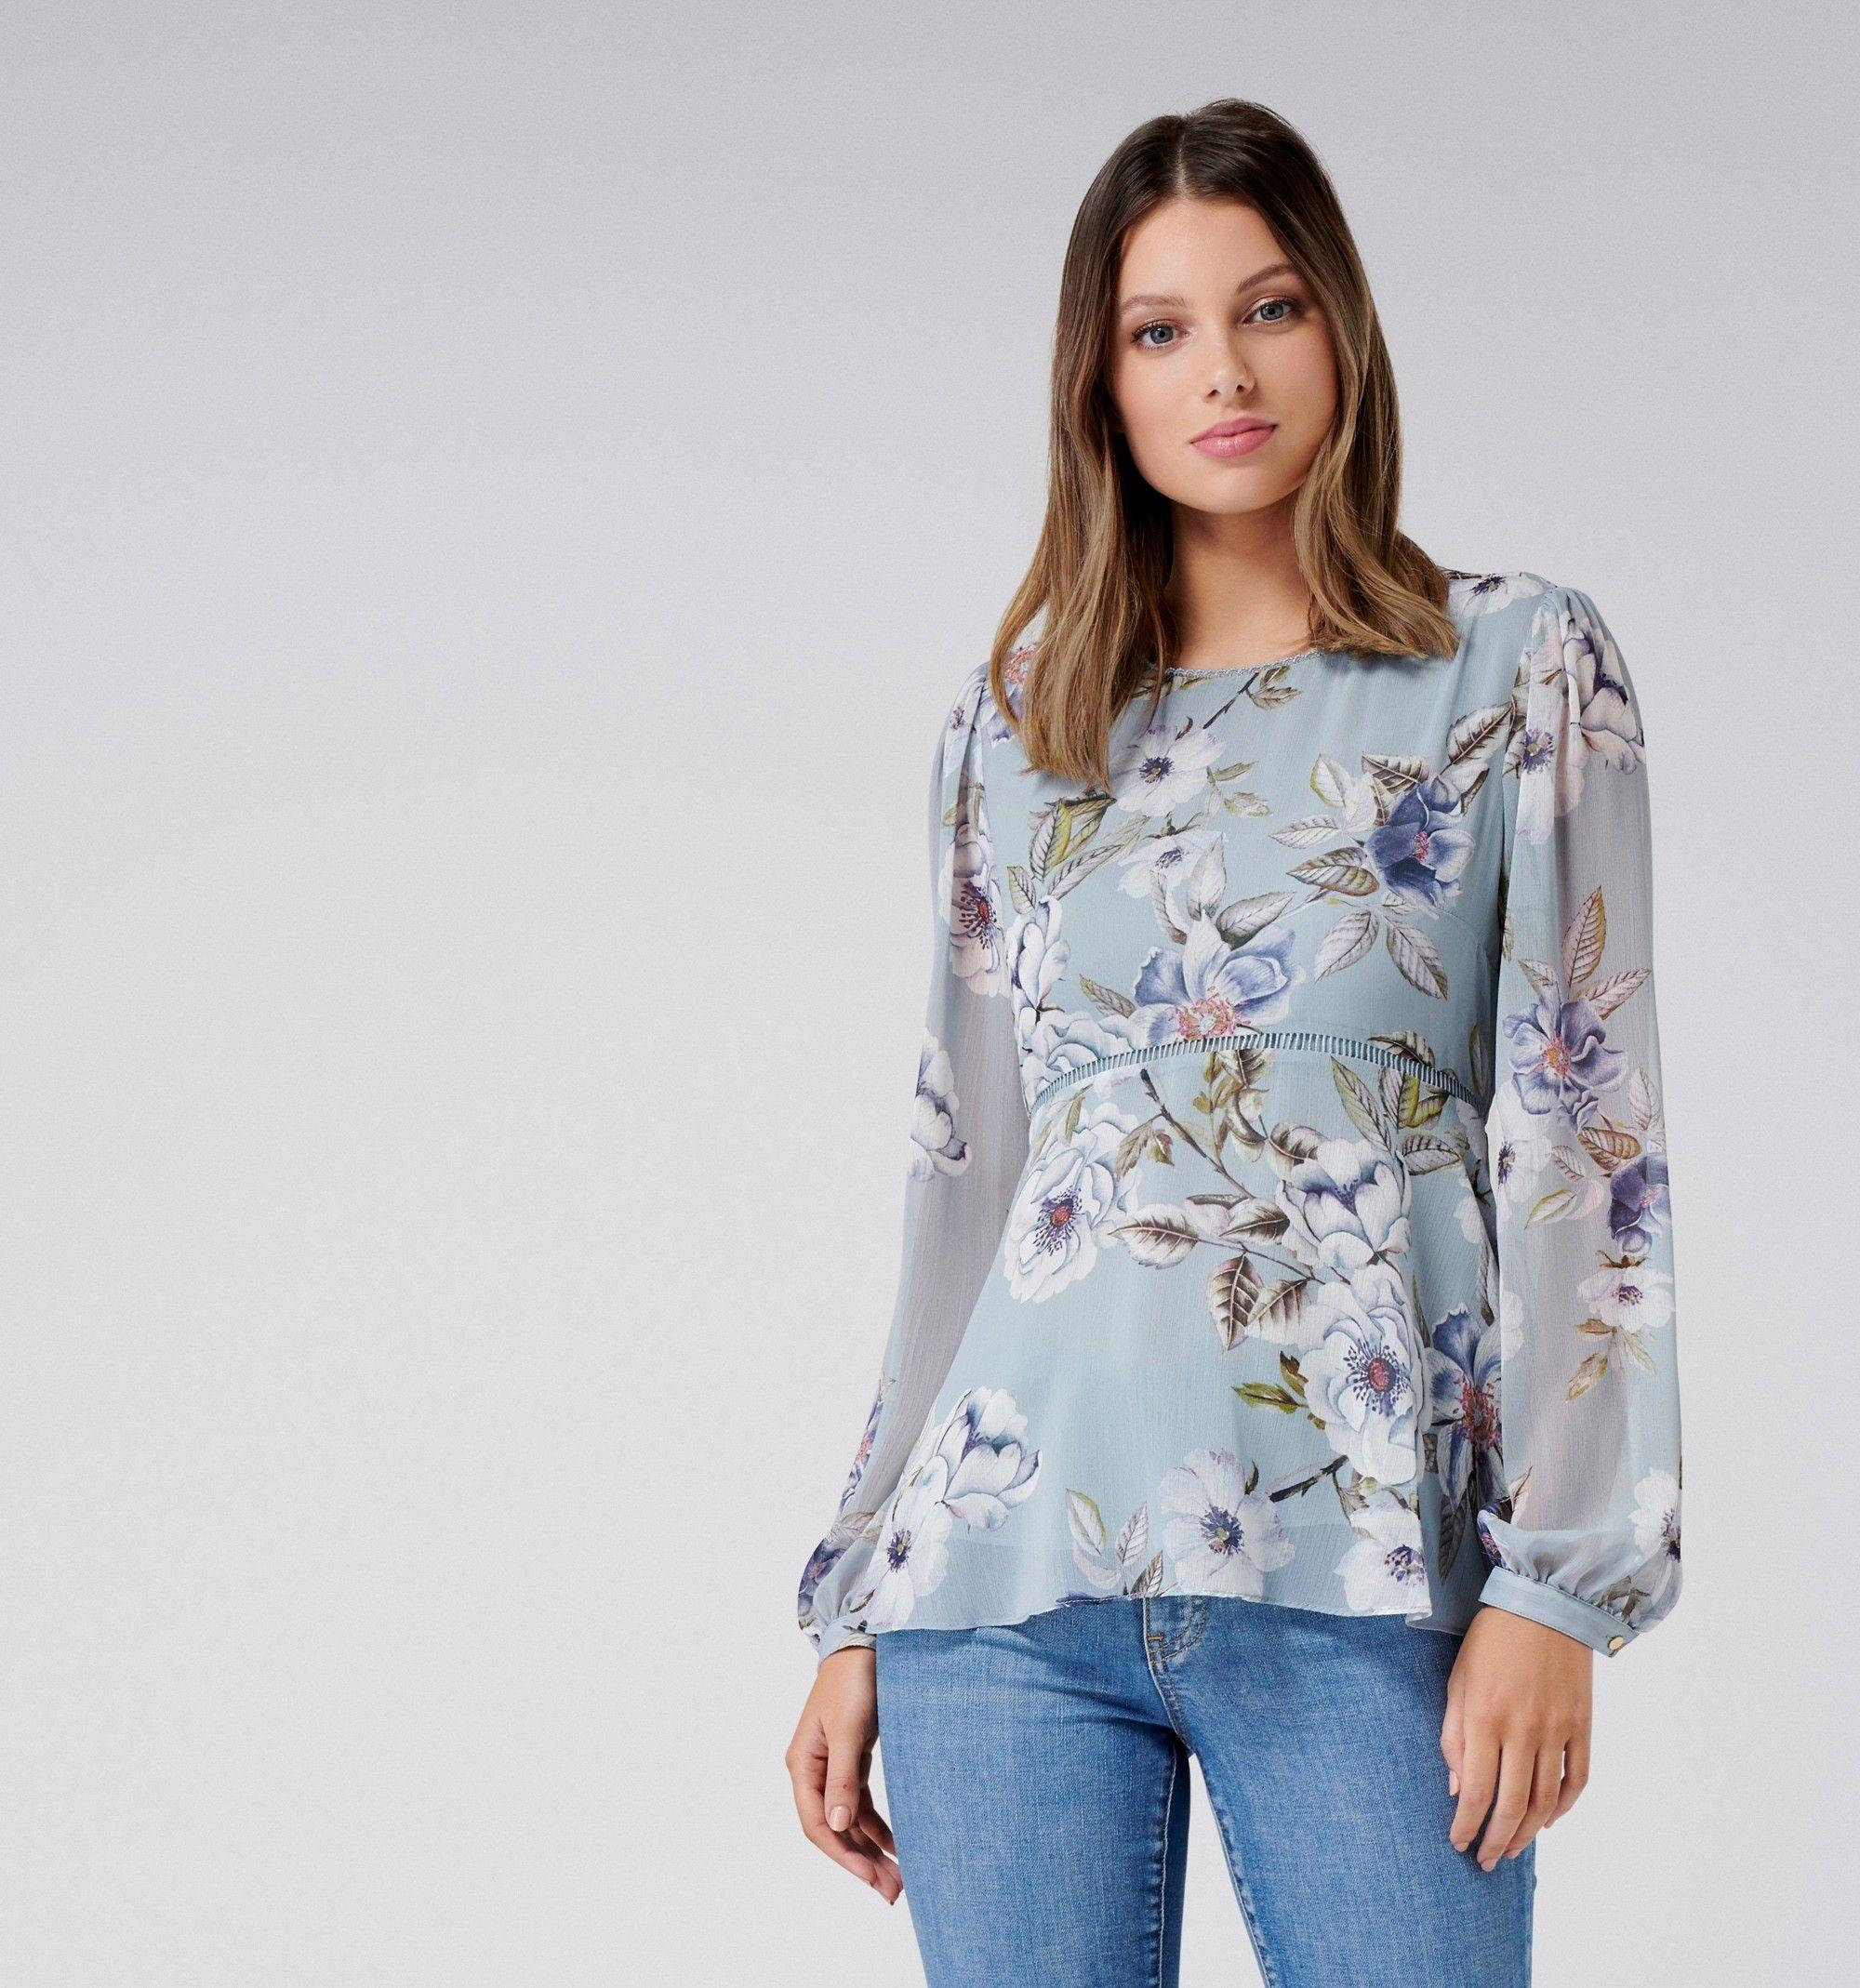 cd8f4d13170749 Ella empire line blouson blouse Blue Stemmed Florets Print - Womens Fashion